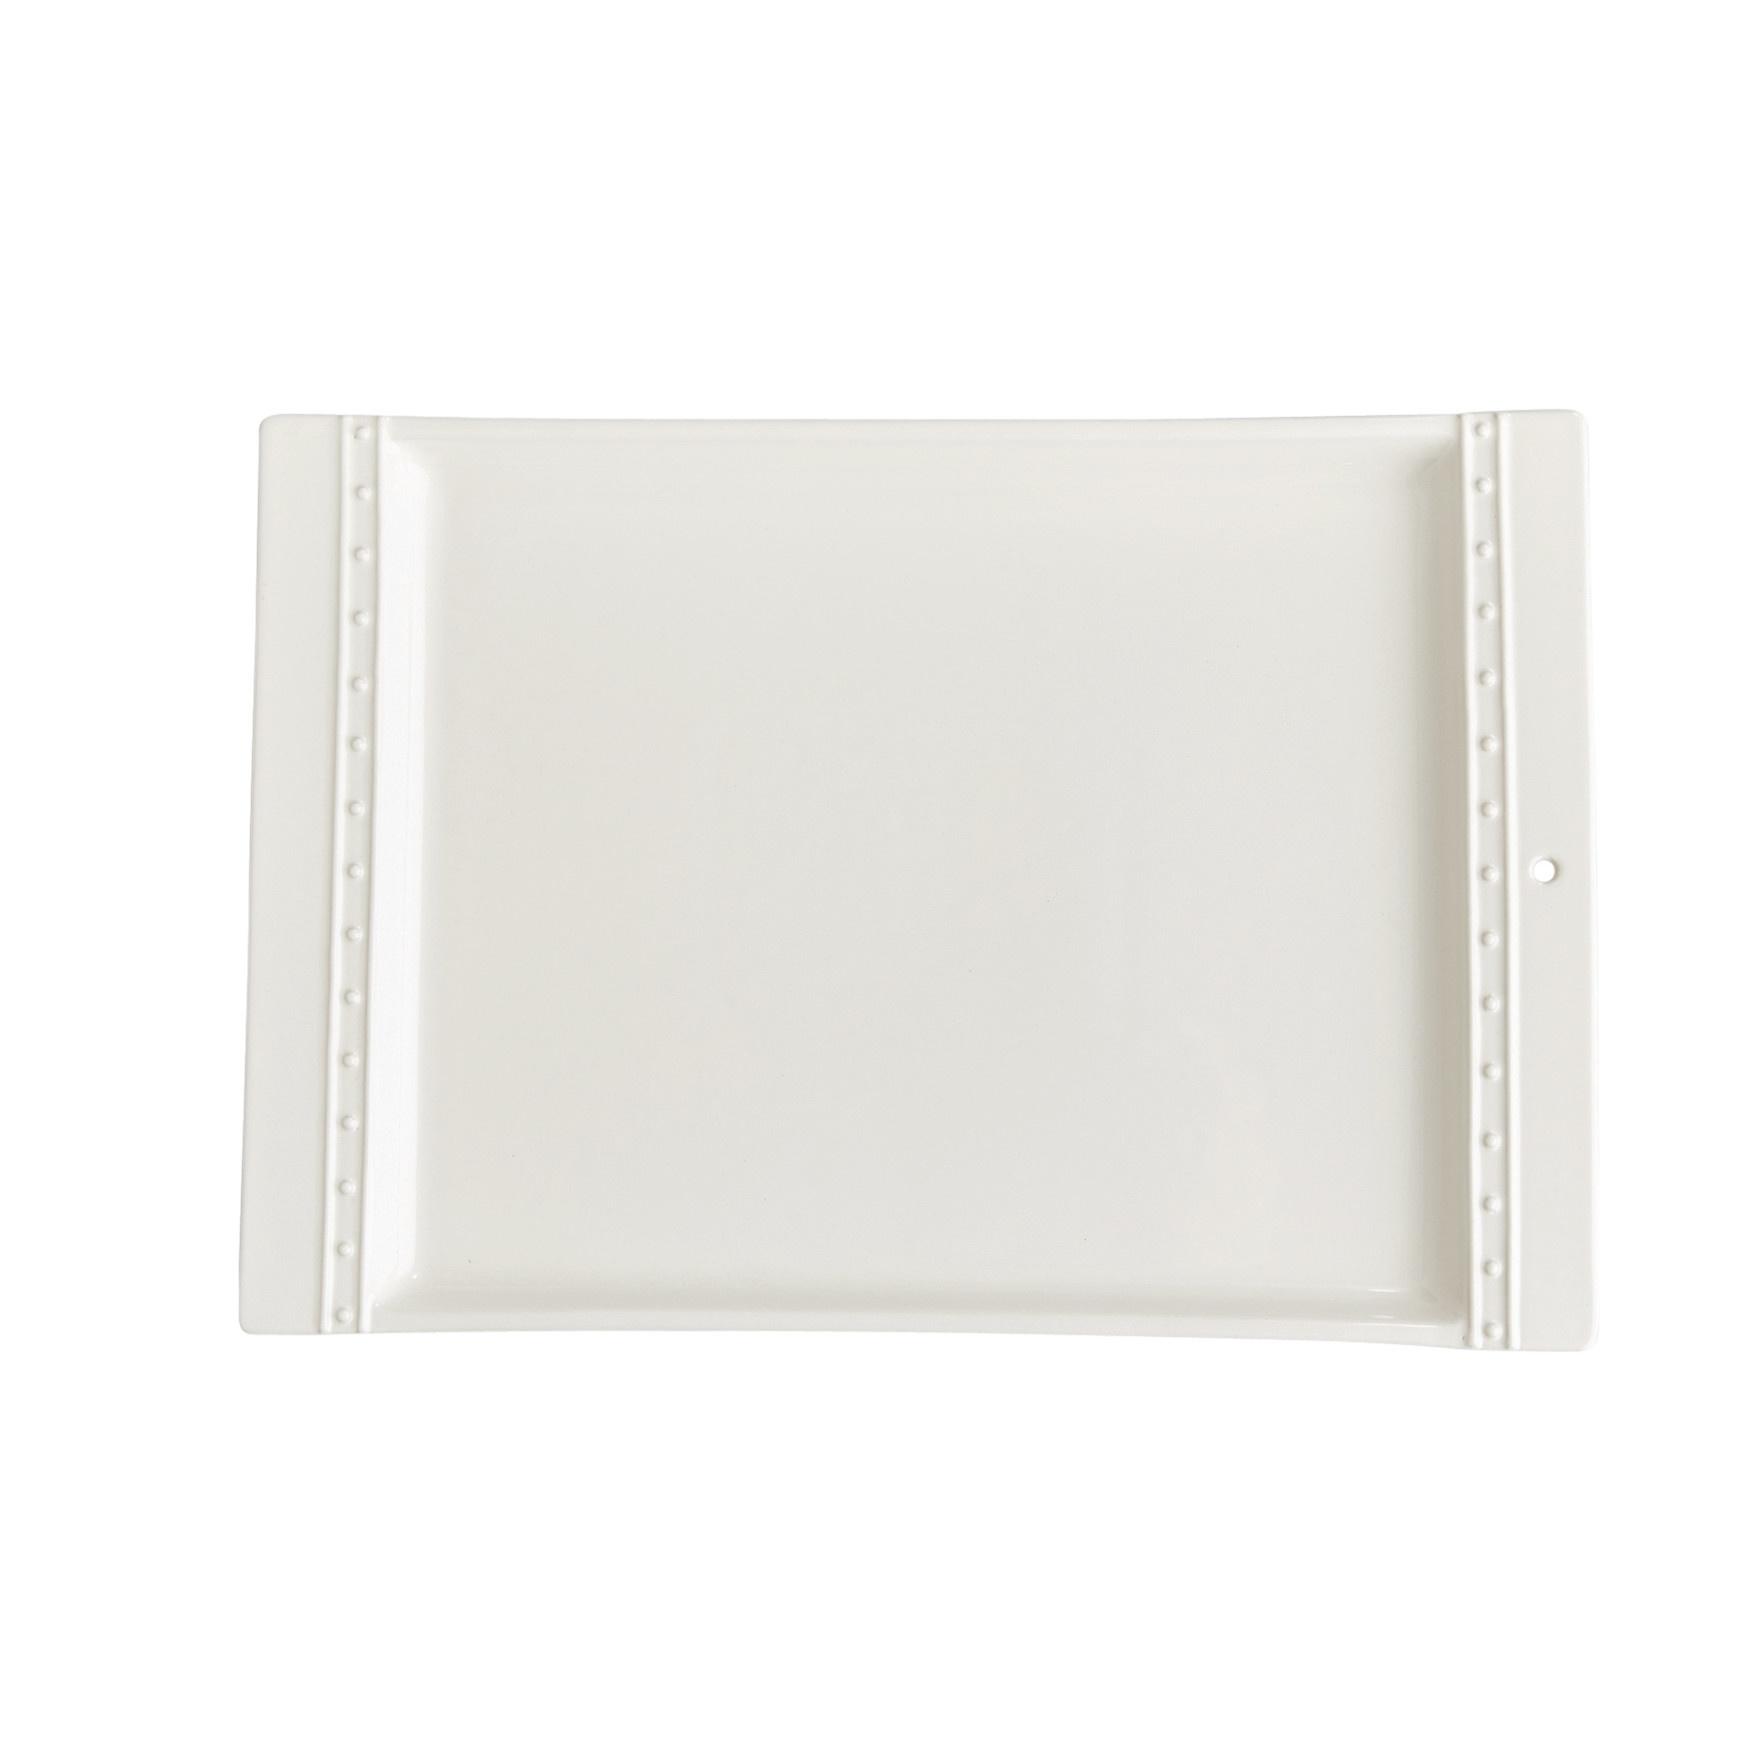 nora fleming rectangle revamp